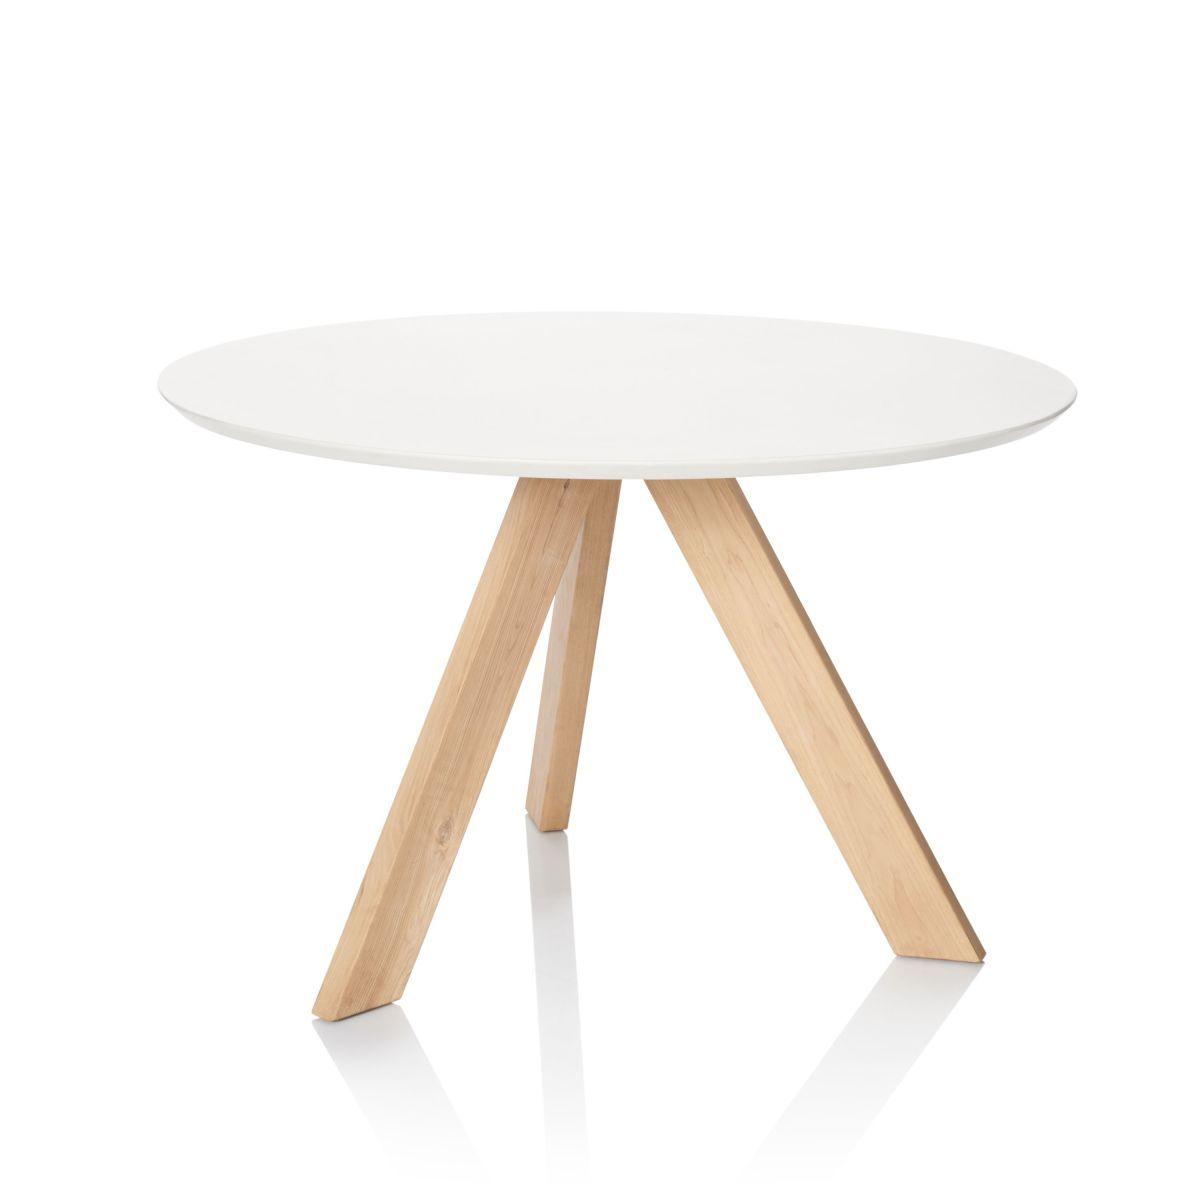 Esstisch Rund Skandinavischer Look Esstisch Tisch Und Esstisch Massivholz